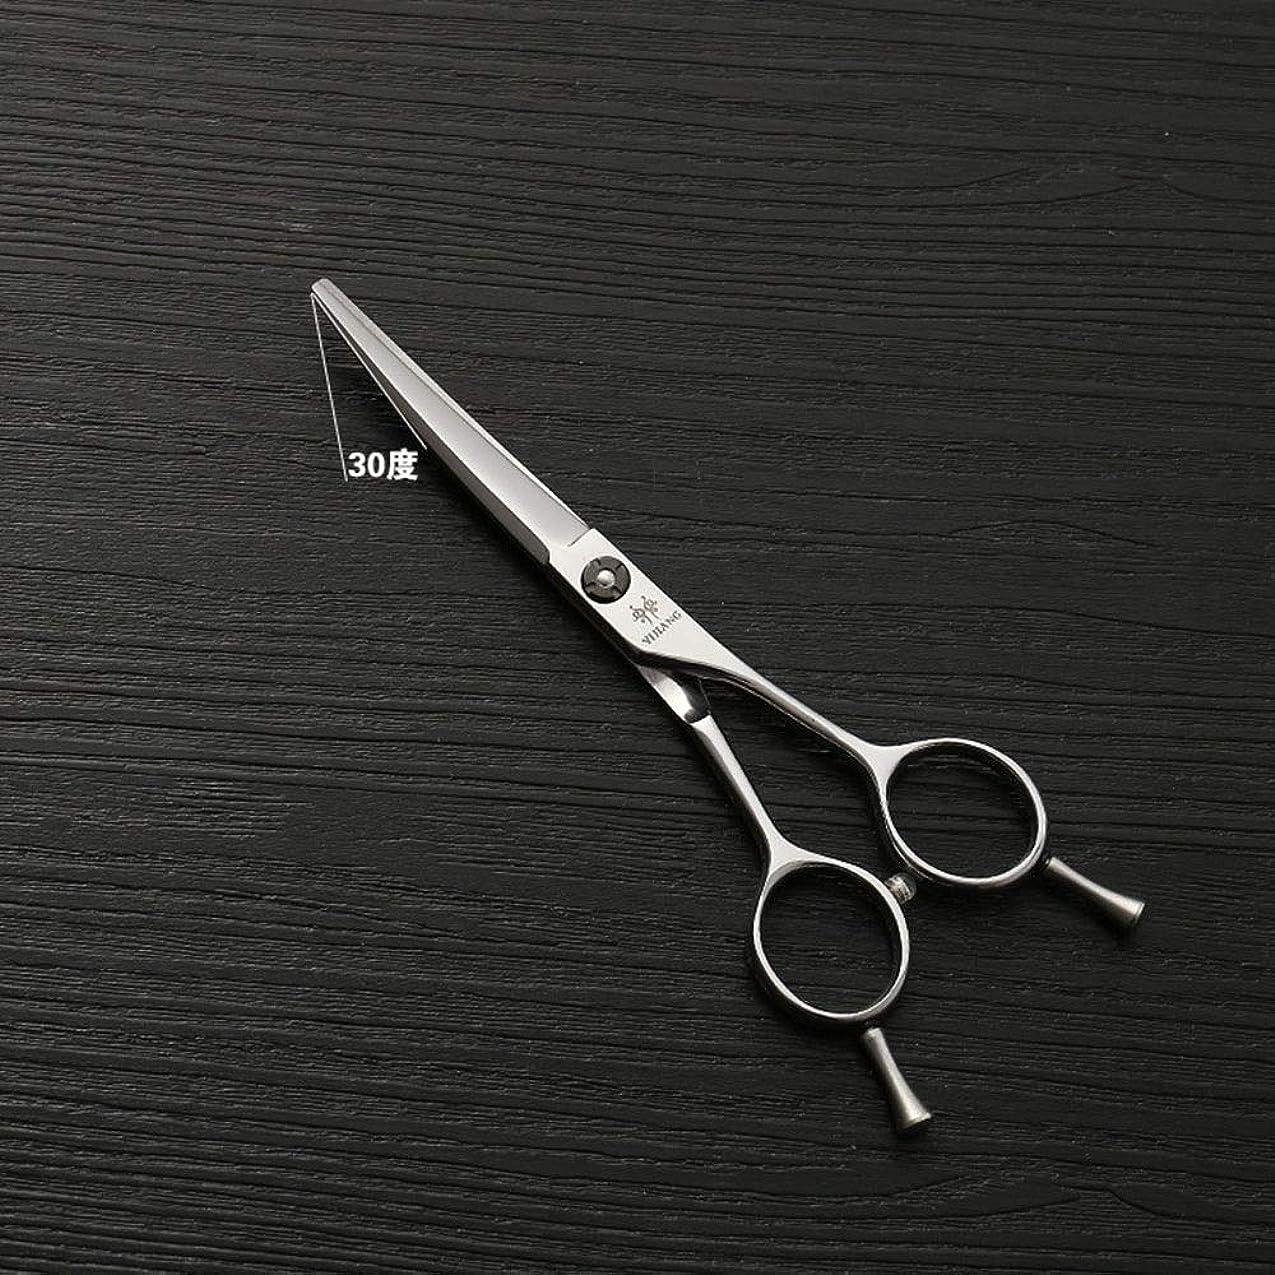 転倒要件市の花Blian1 5.5インチの理髪師はさみのクリッパーの高い等級の銀の理髪用具440Cのステンレス鋼のバリカン (色 : Silver)